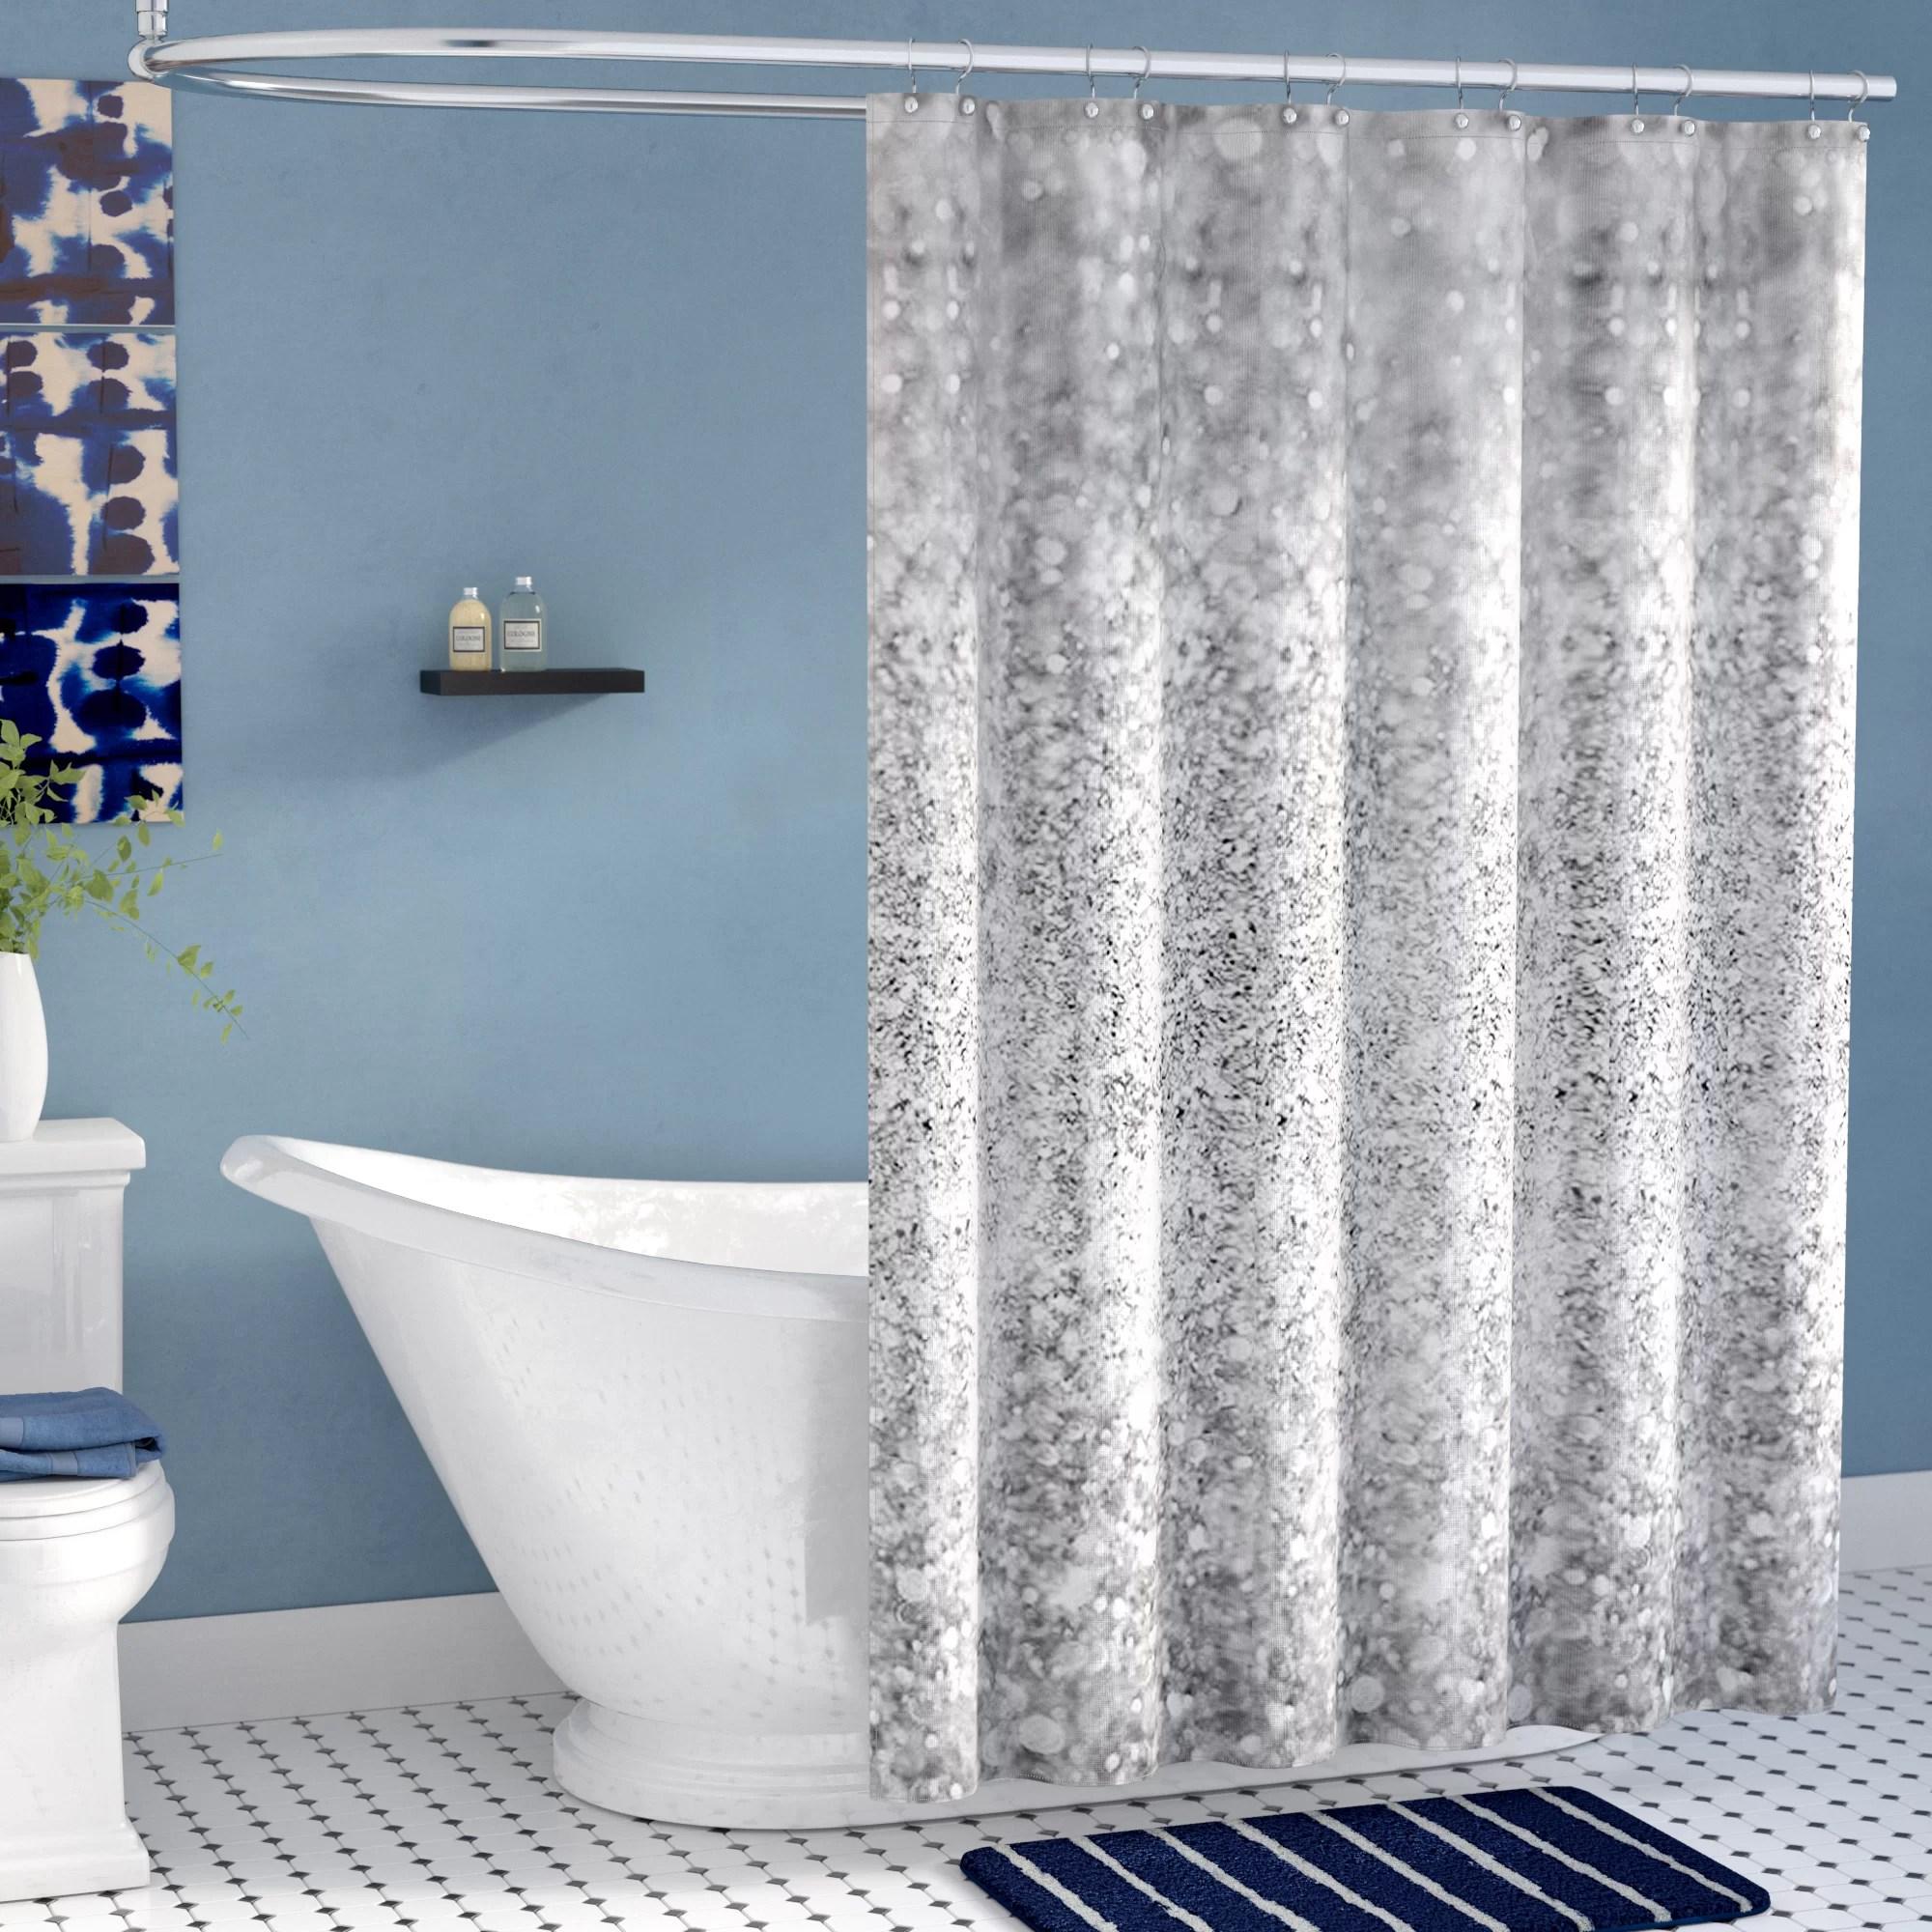 Shiny Glamour Luxury Single Shower Curtain